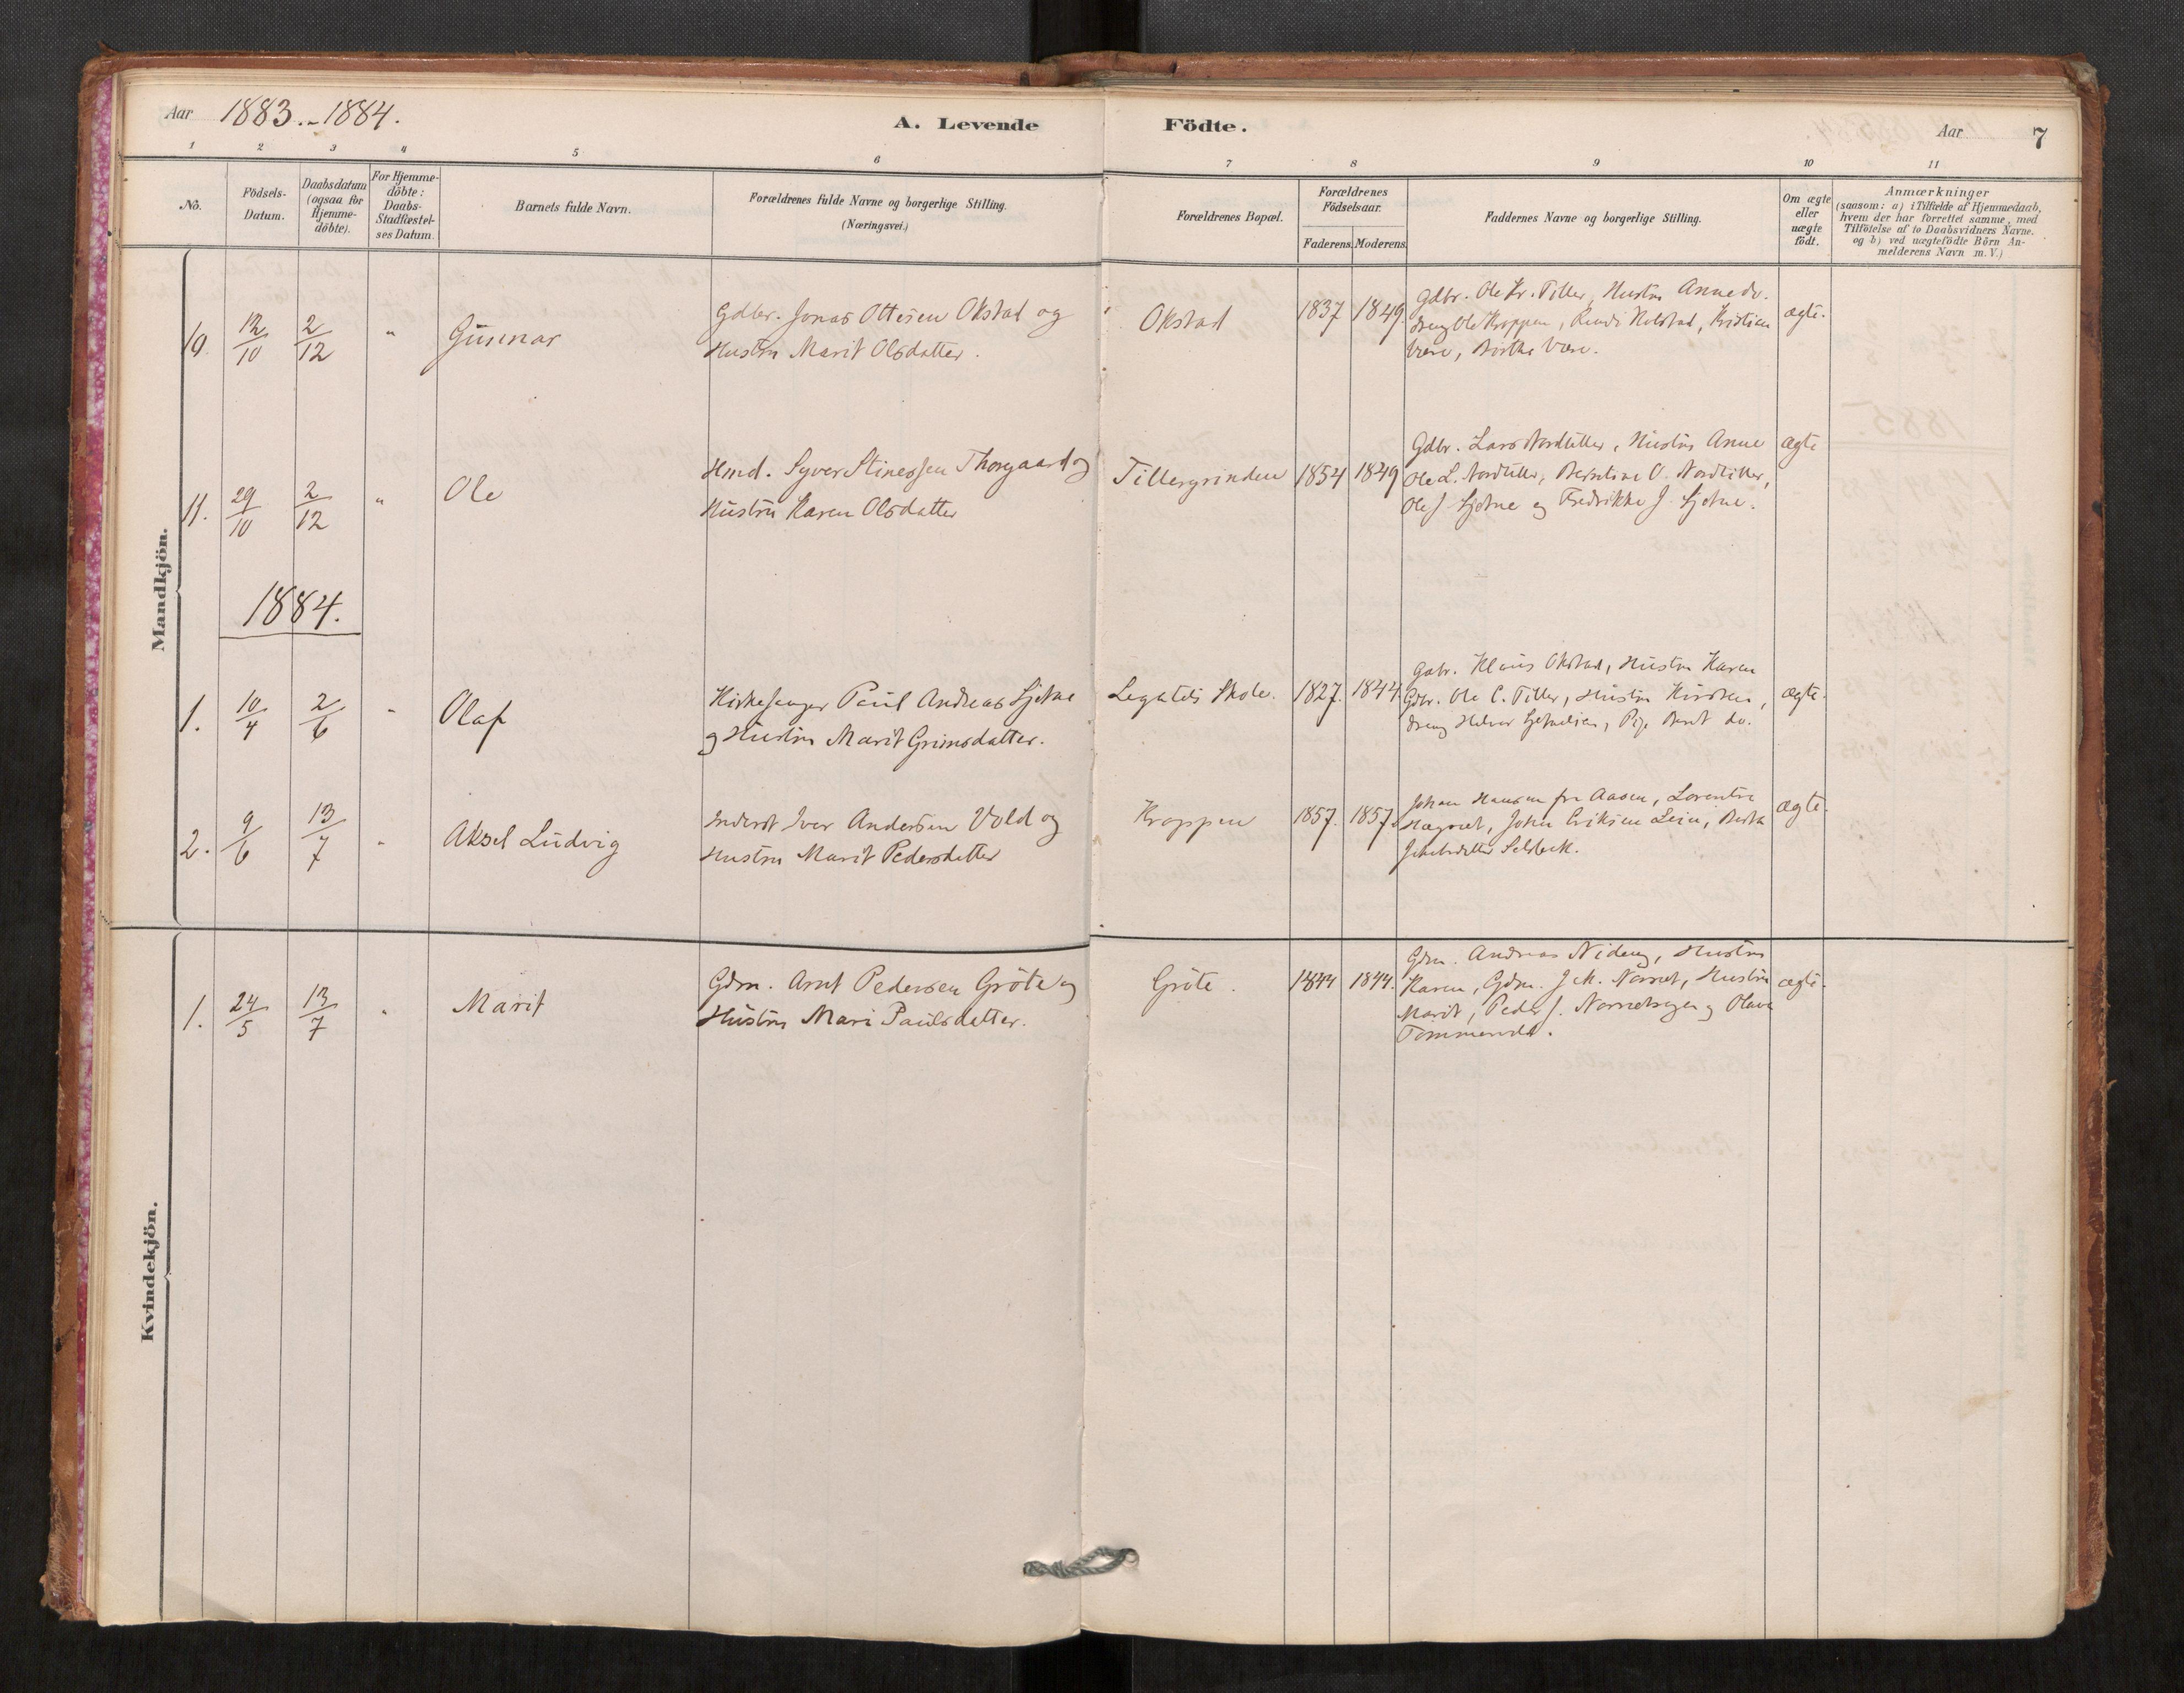 SAT, Klæbu sokneprestkontor, Parish register (official) no. 1, 1880-1900, p. 7